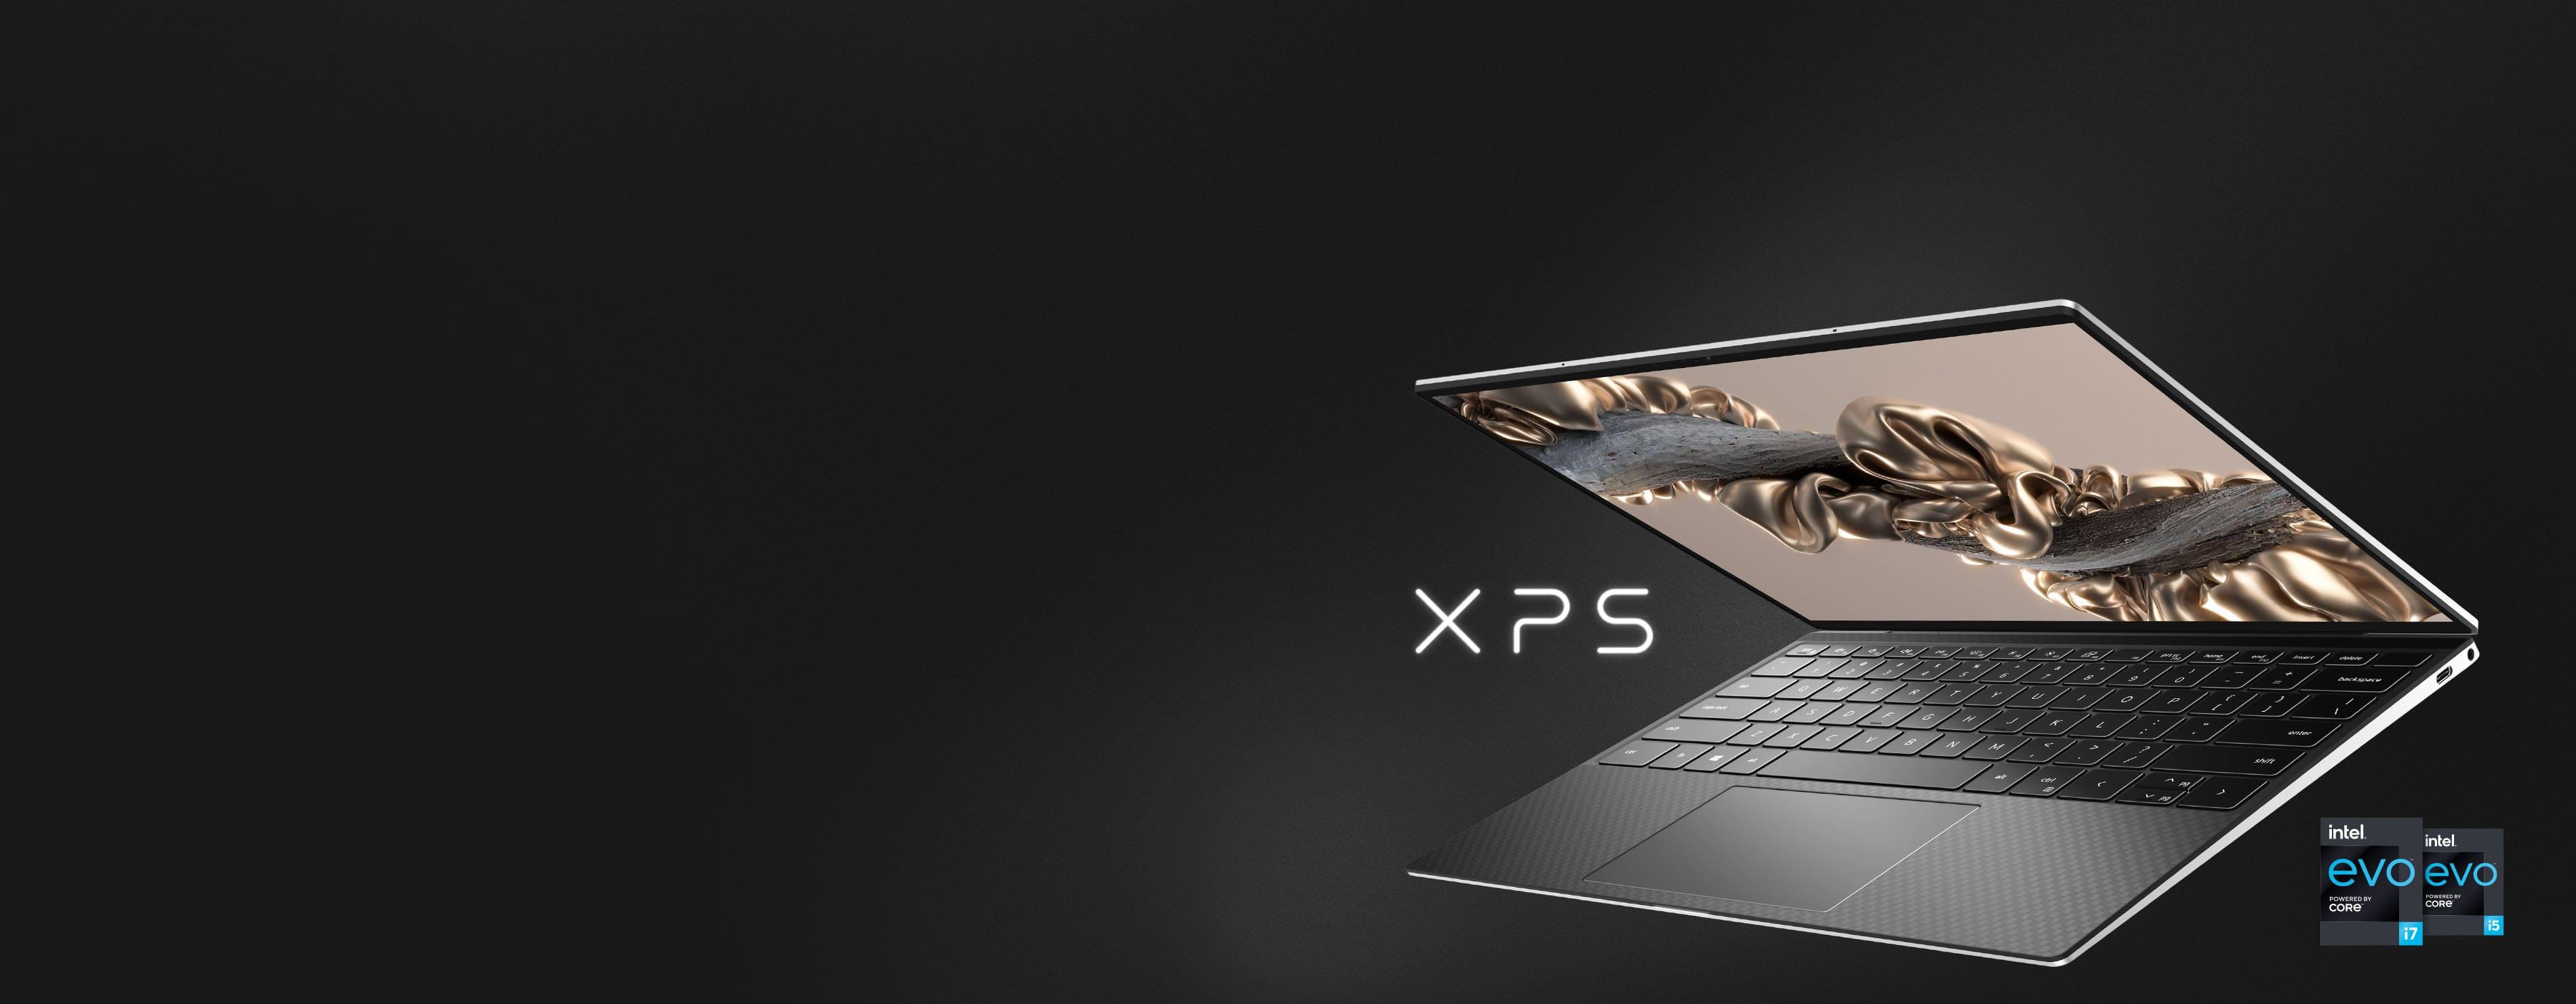 XPS 13 laptops